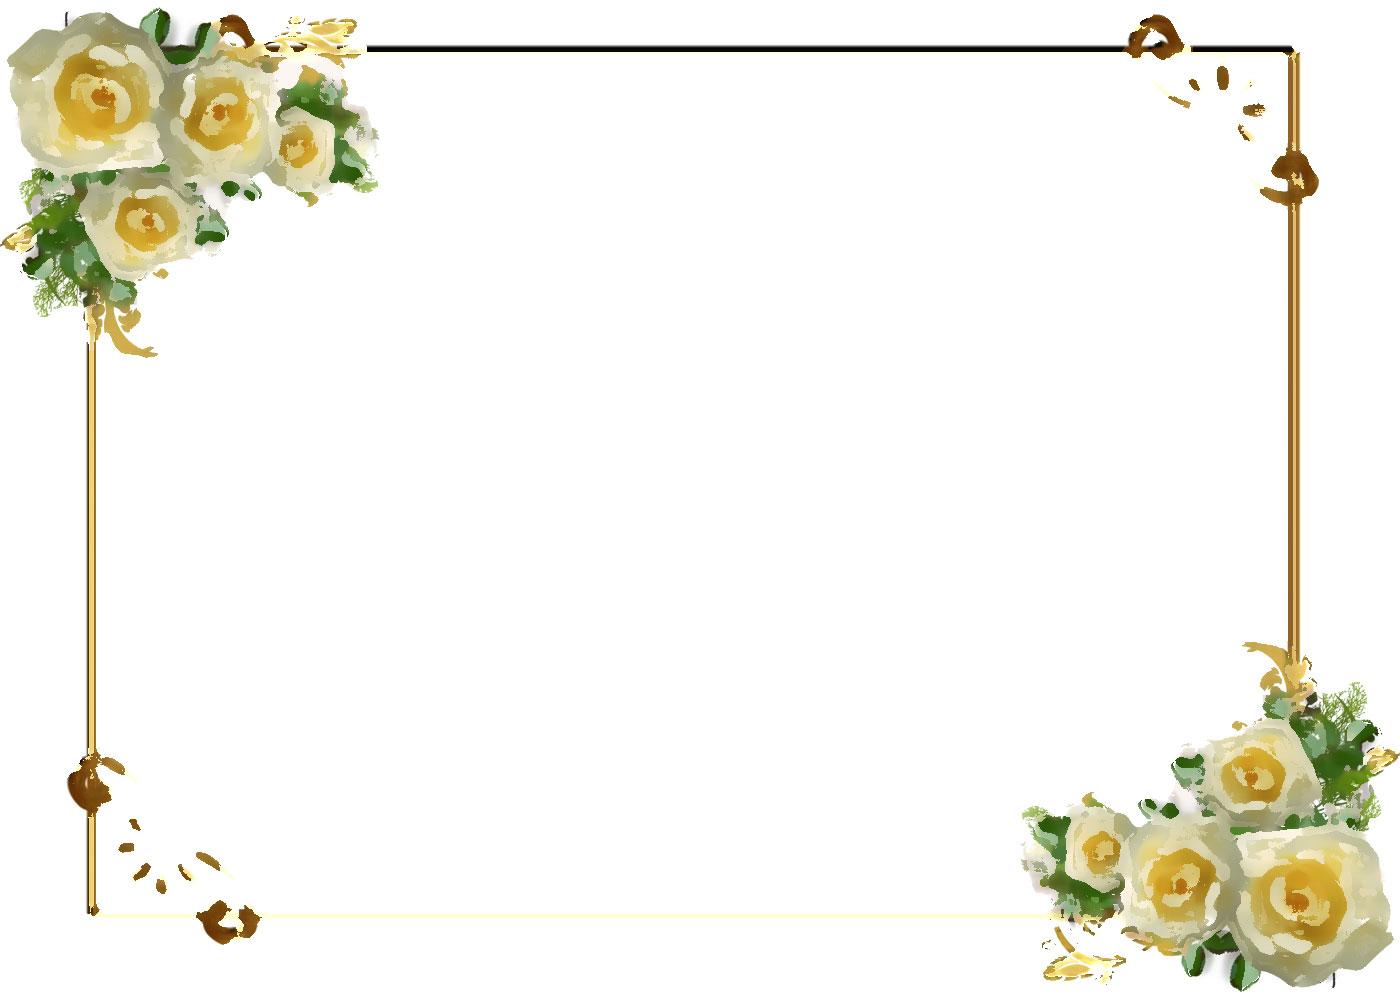 花のイラストフリー素材フレーム枠no441白バラキラキラ光源